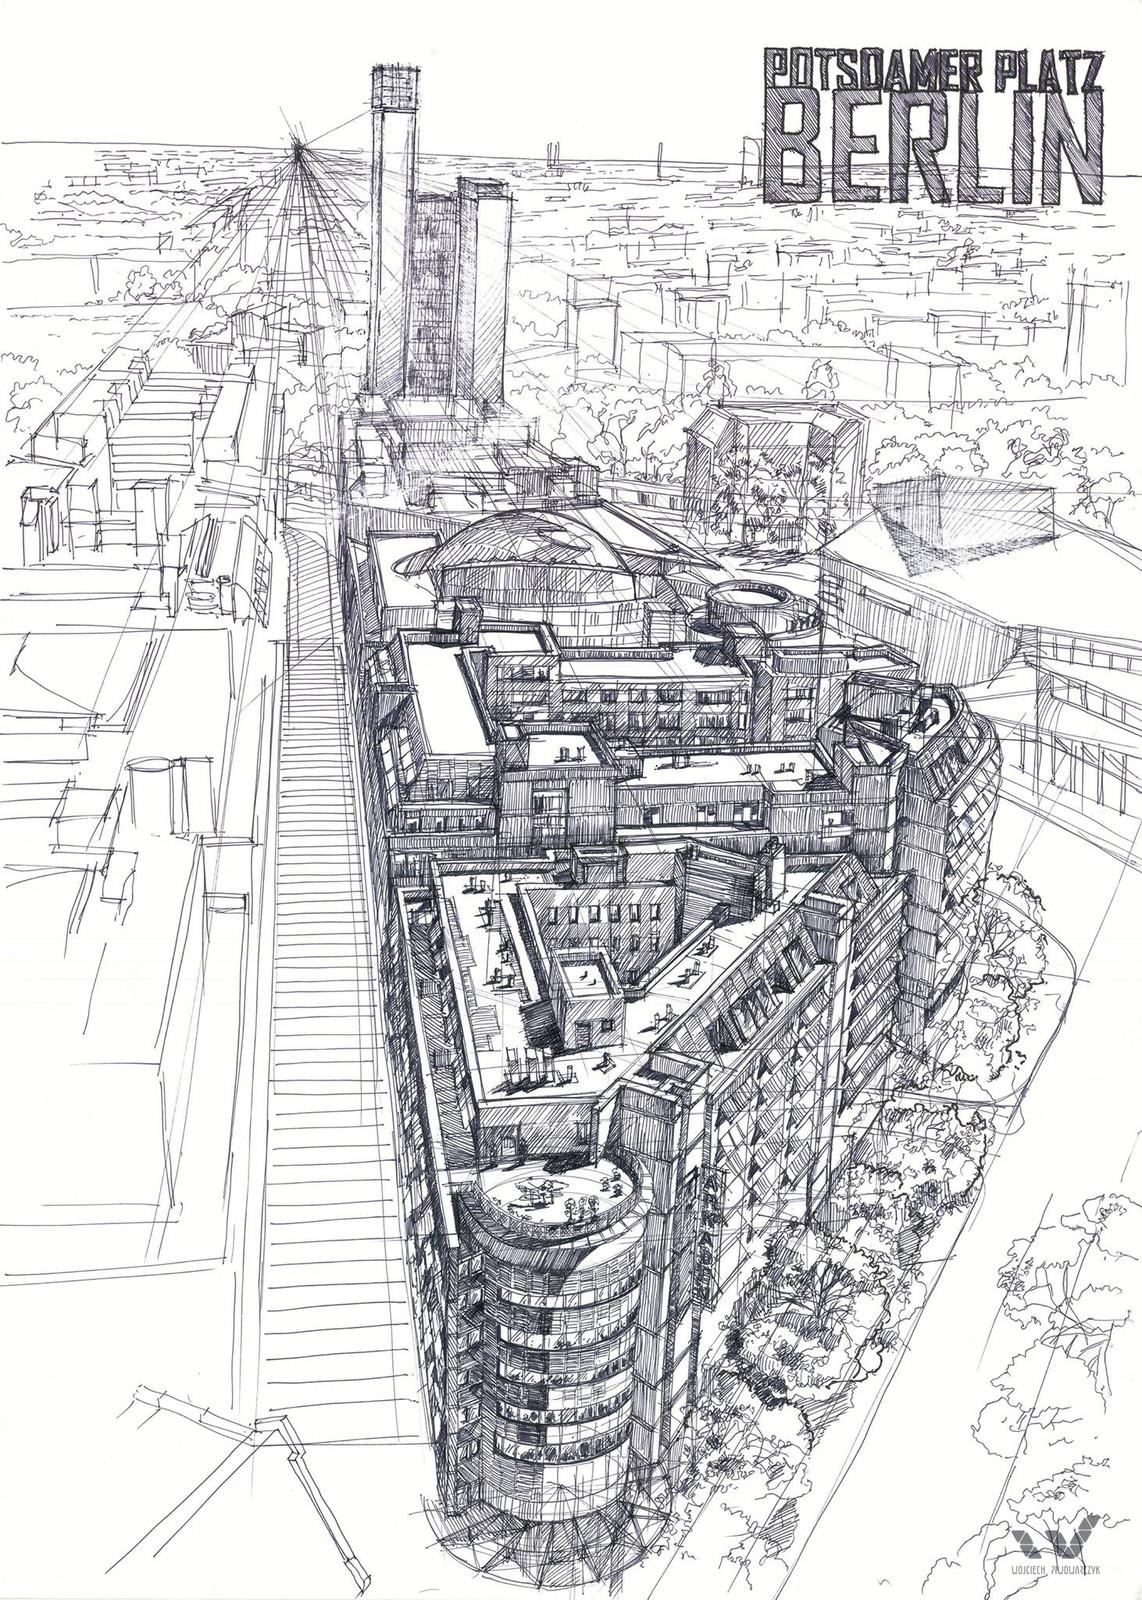 Berlin - pen drawing 50x70cm (20x28in)